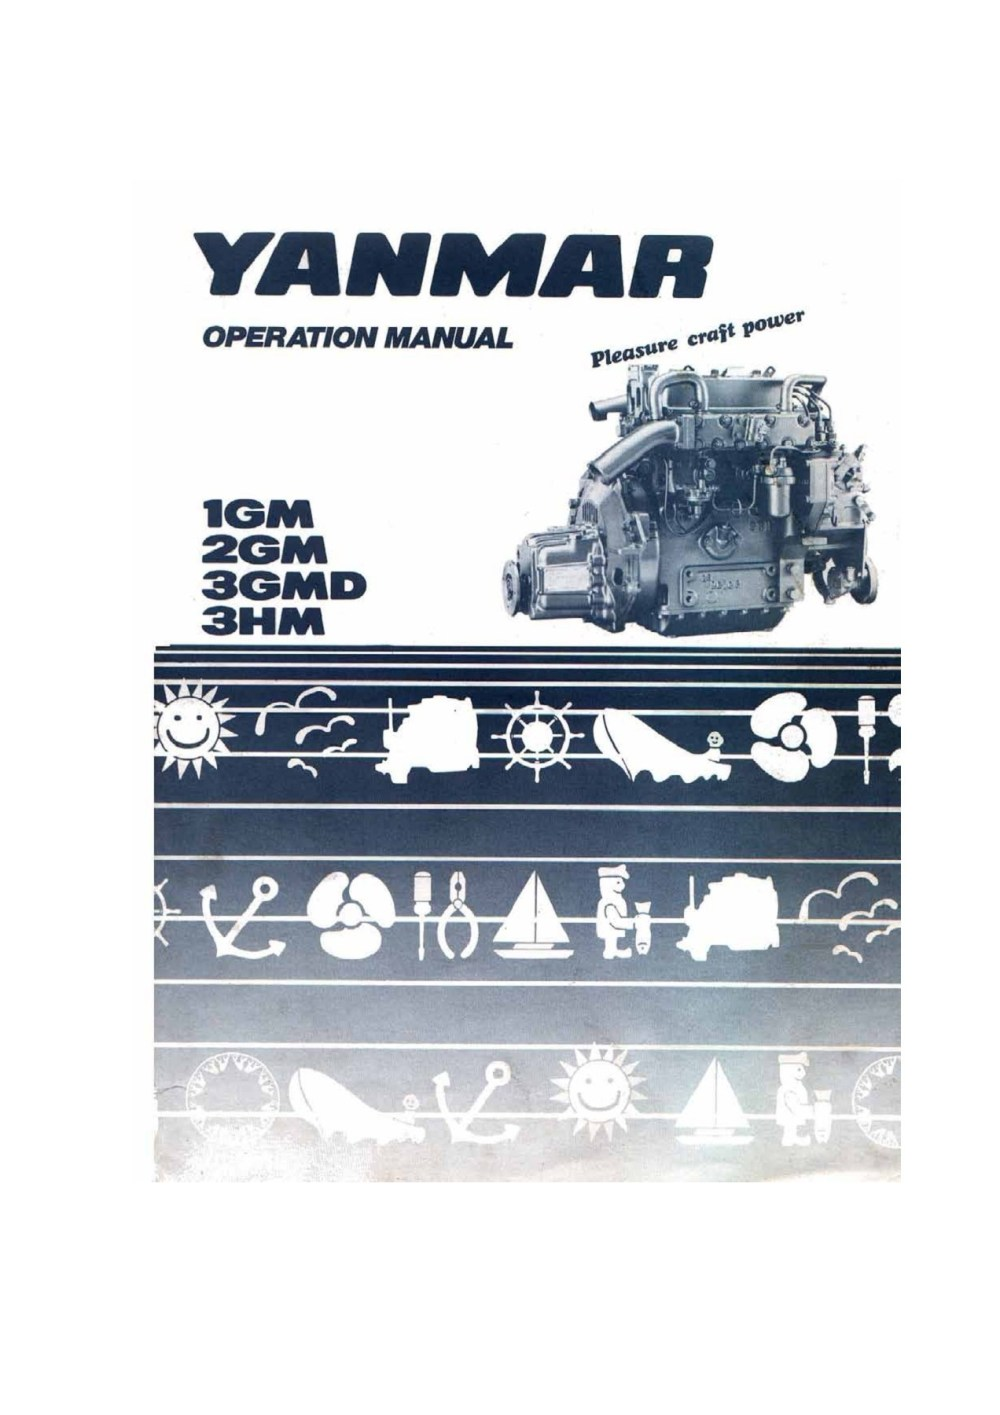 medium resolution of yanmar gm operating manual